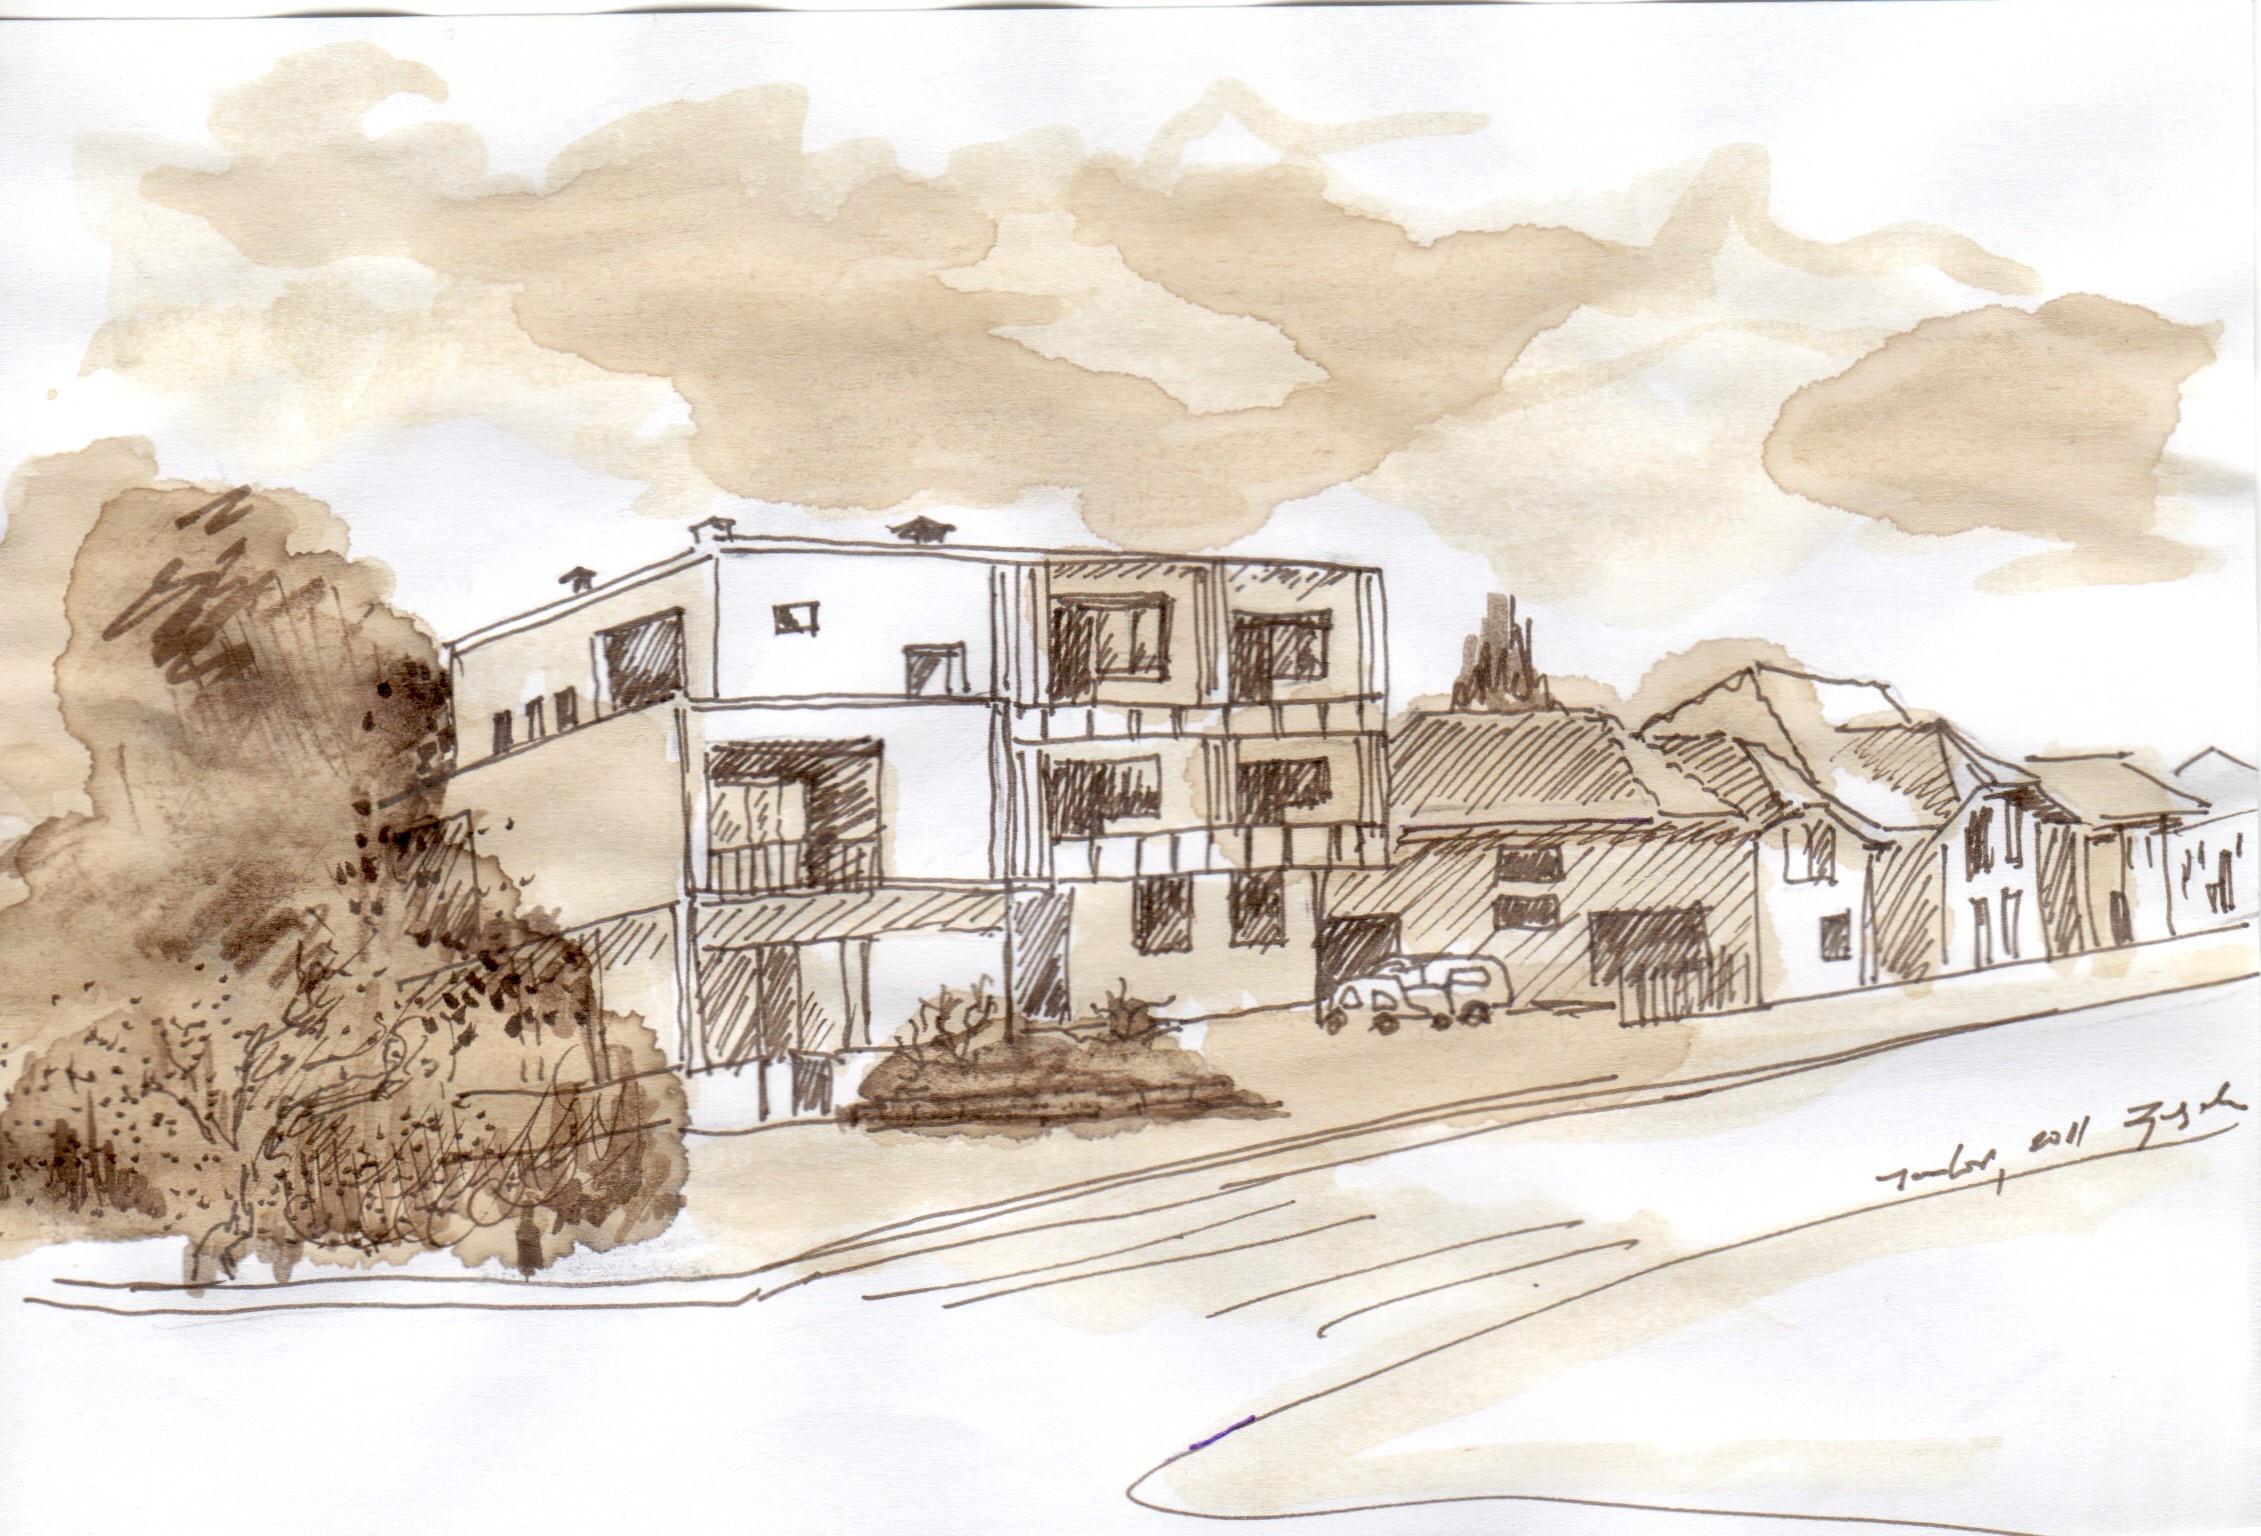 Crtež: Ljiljana Ljiljak